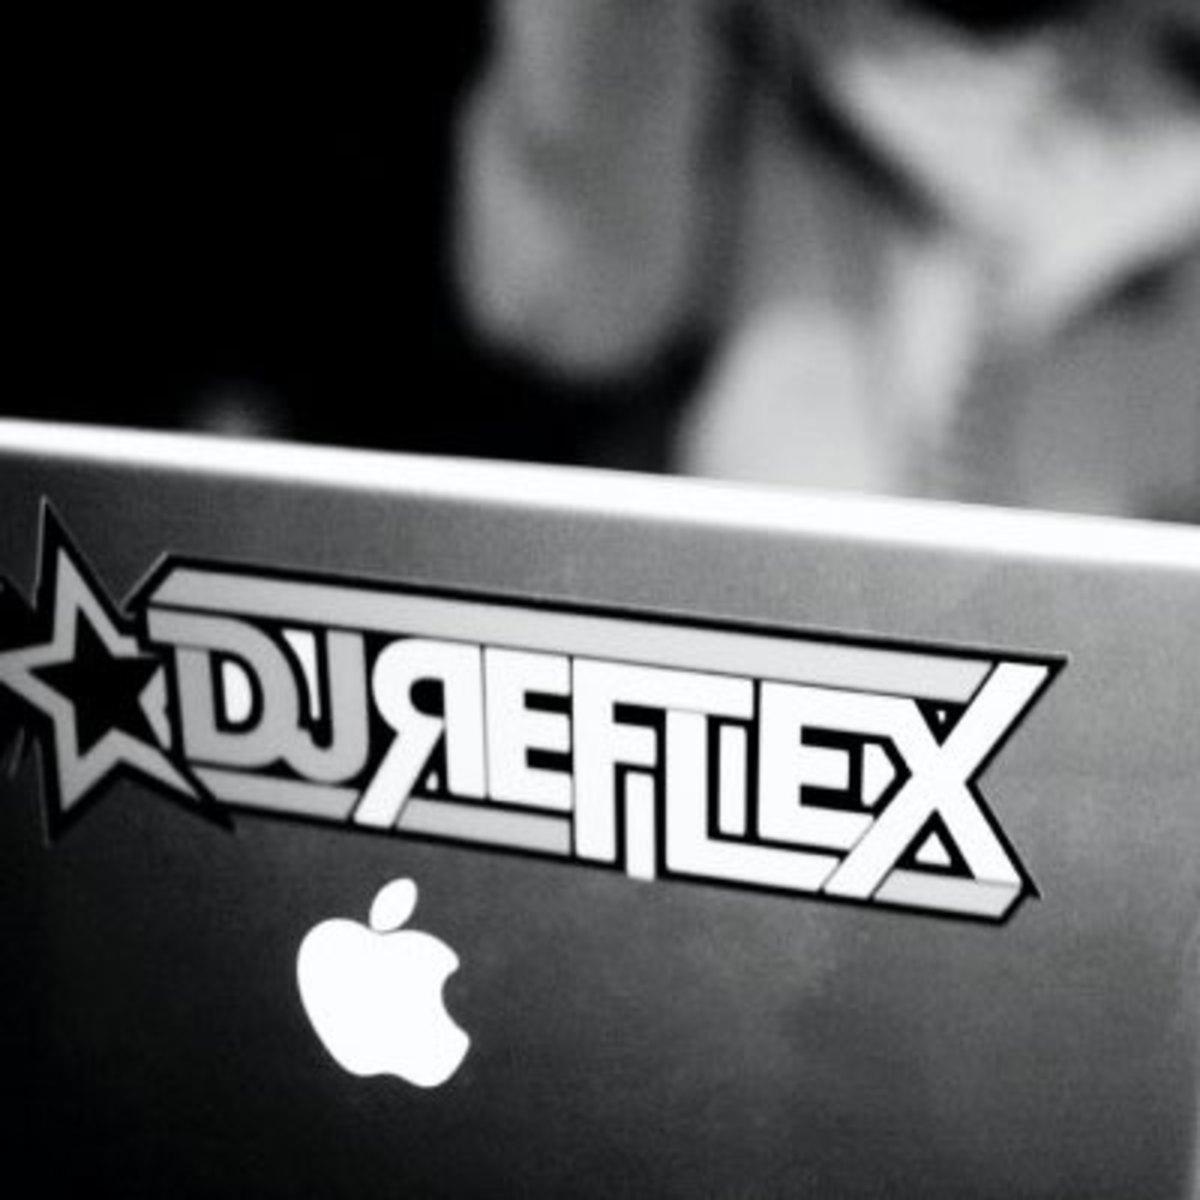 djreflex.jpg